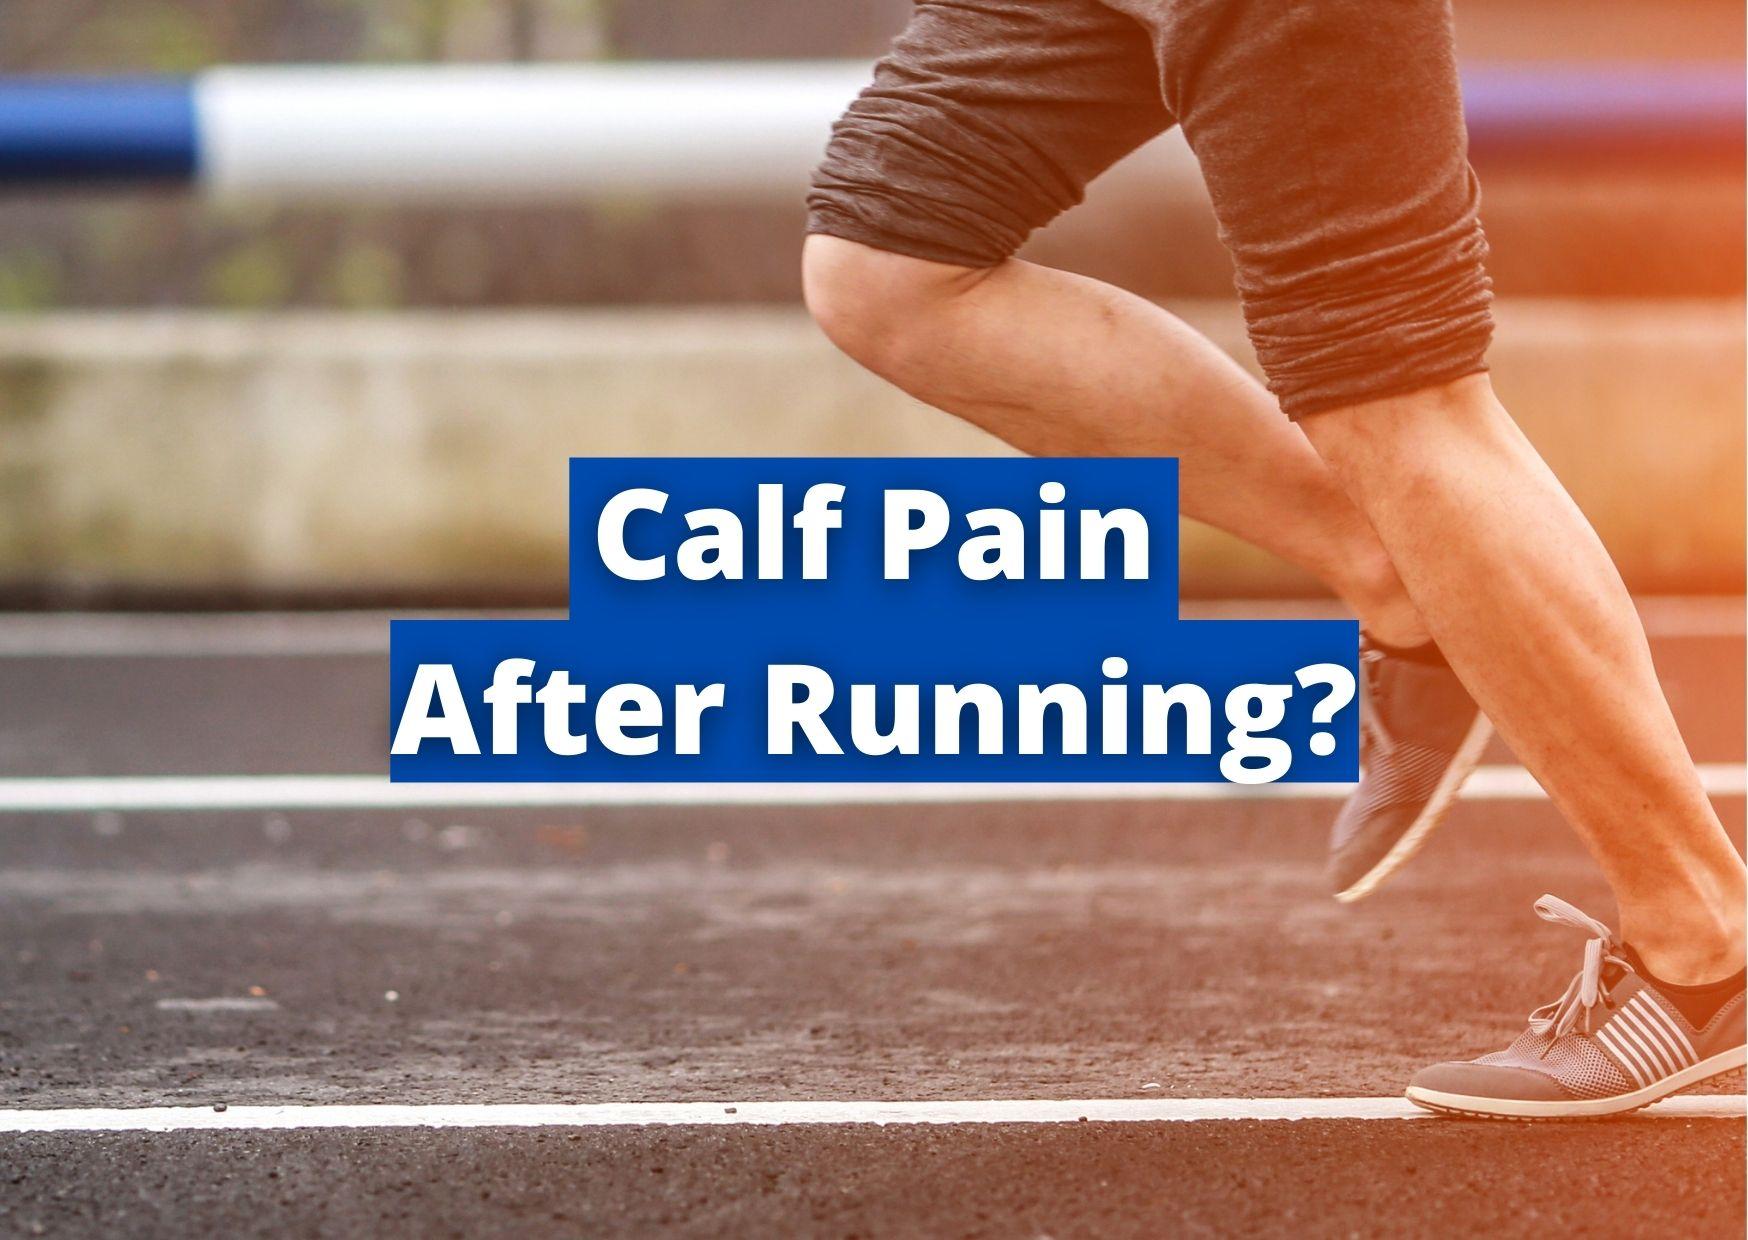 calf pain after running